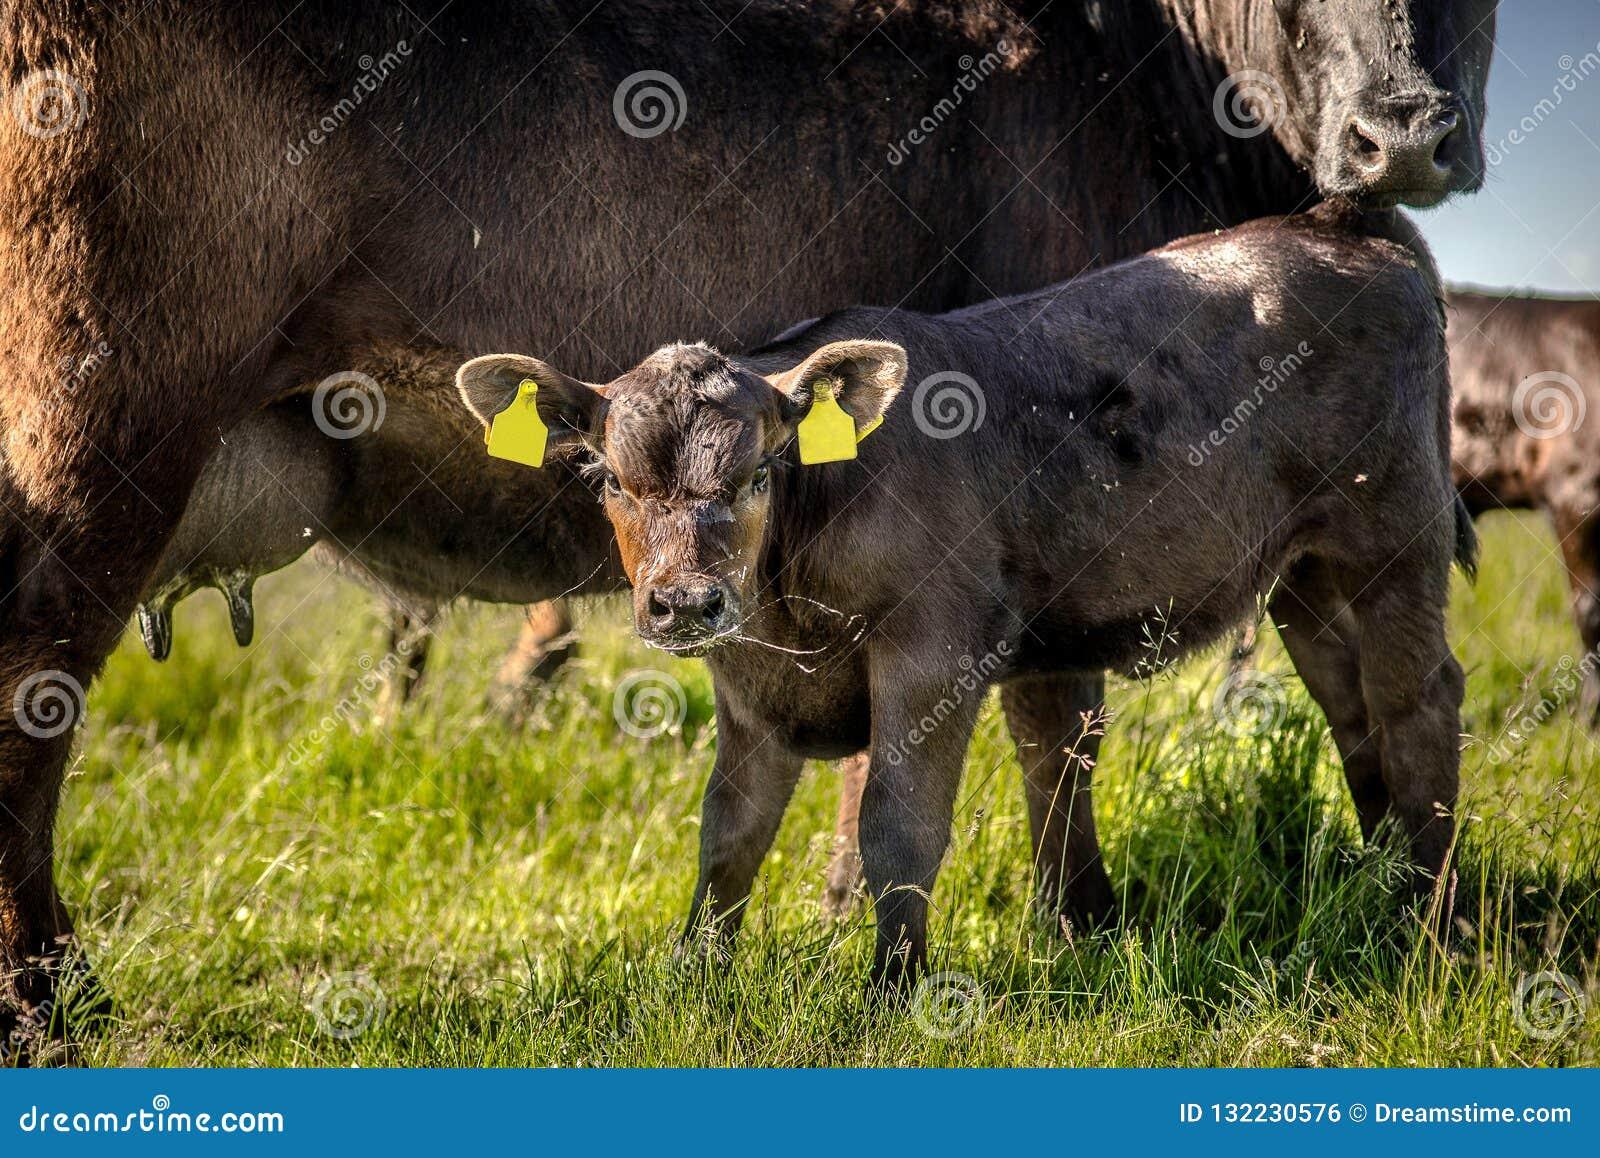 Att suga för den Yong svartangus kalven mjölkar, och plaska slabba på gräs i solig dag